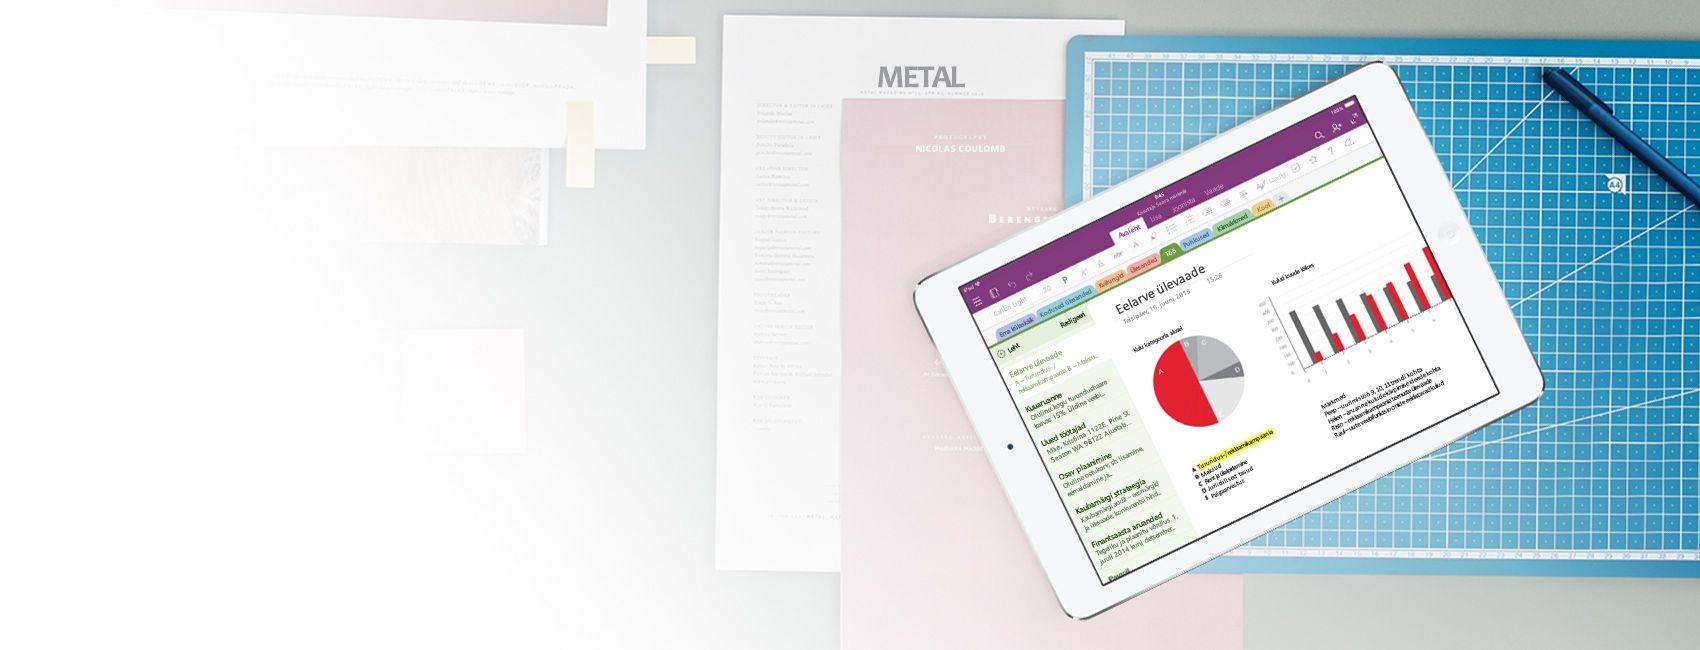 iPad, mille ekraanil on iOS-i jaoks ette nähtud OneNote'i märkmik koos eelarve ülevaadet kujutavate diagrammide ja graafikutega